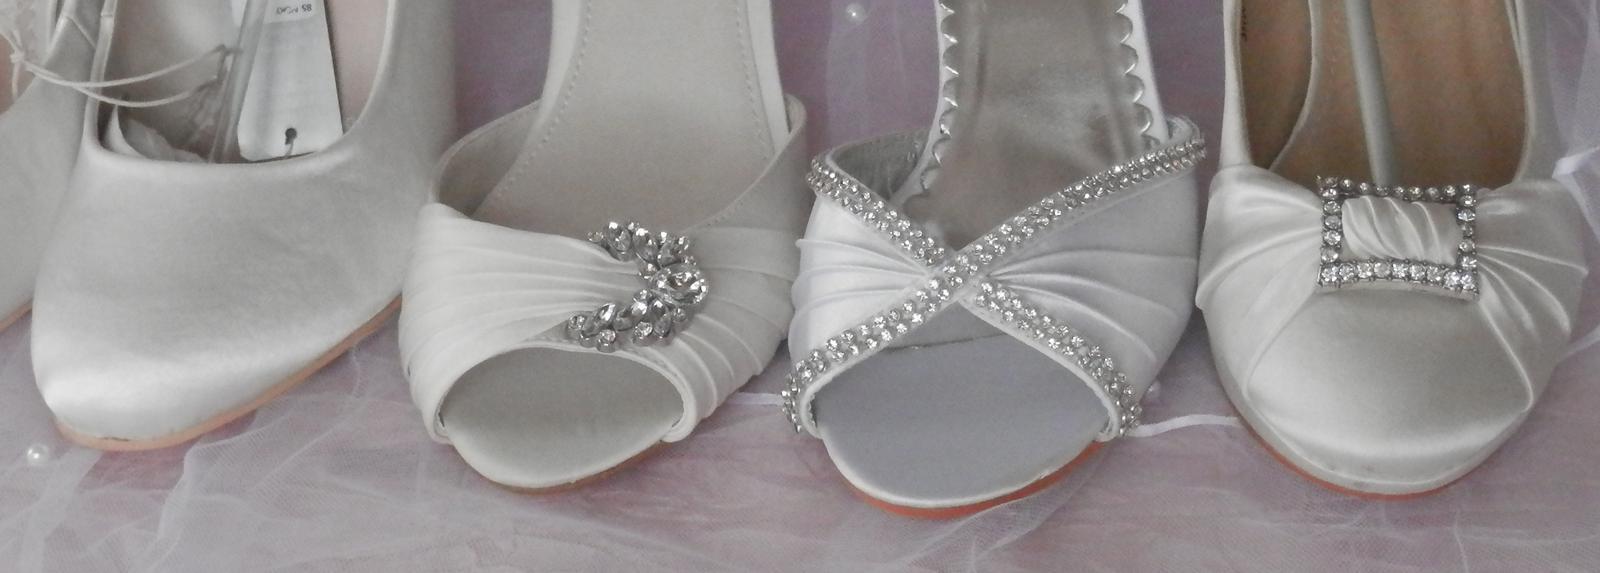 Svatební botičky s broží vel.40 - Obrázek č. 4